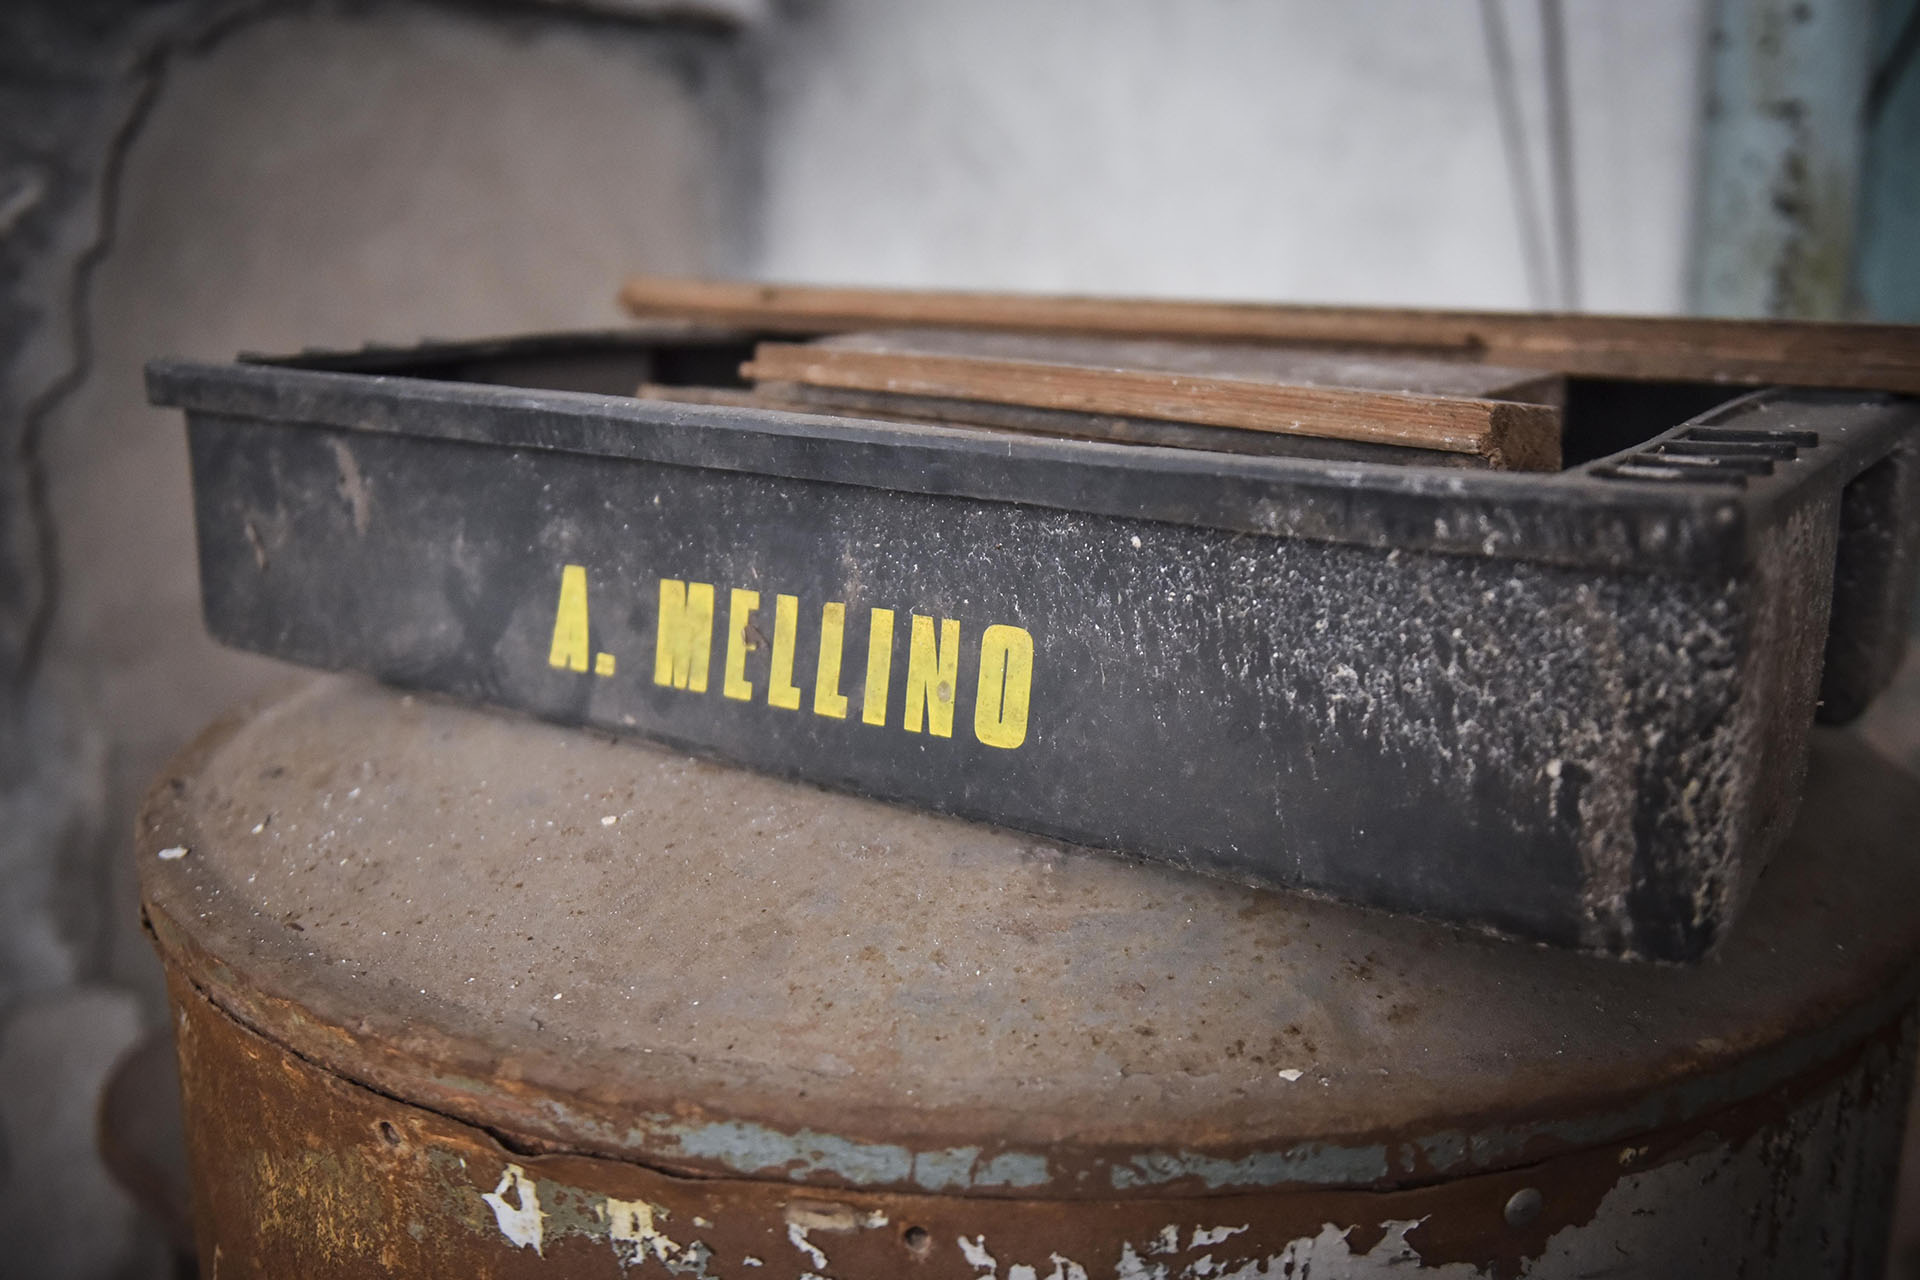 Los restauradores encuentran durante su trabajo algunos elementos que permiten reconstruir la historia del café